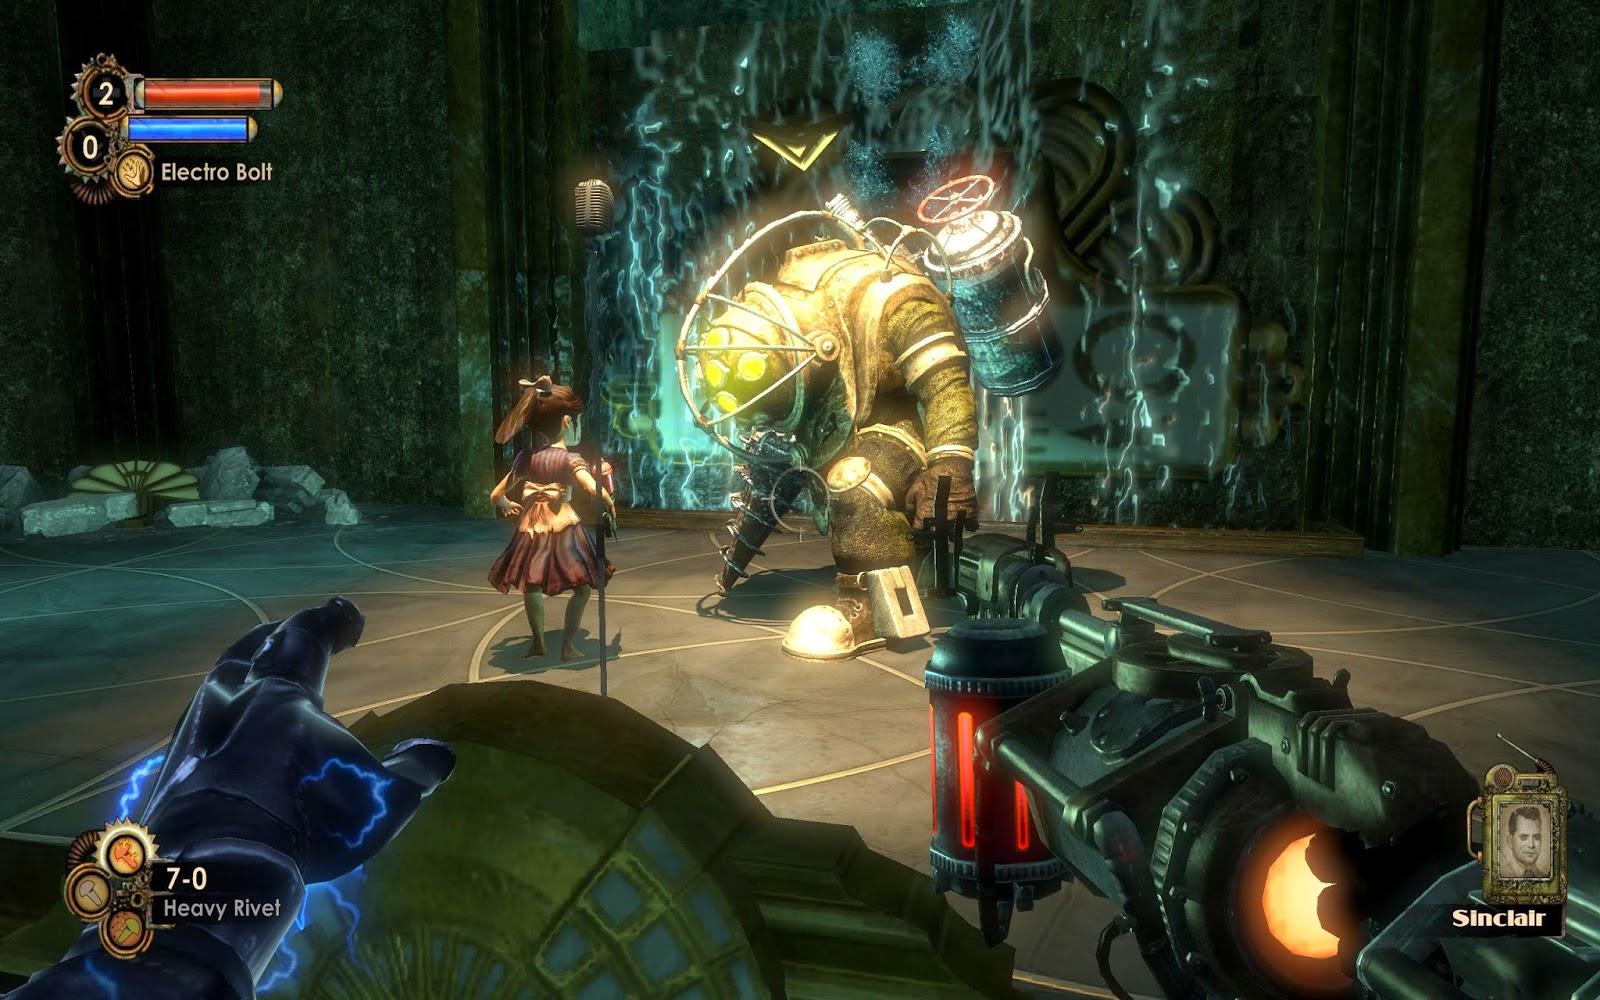 Exe Games Bioshock 1 Game